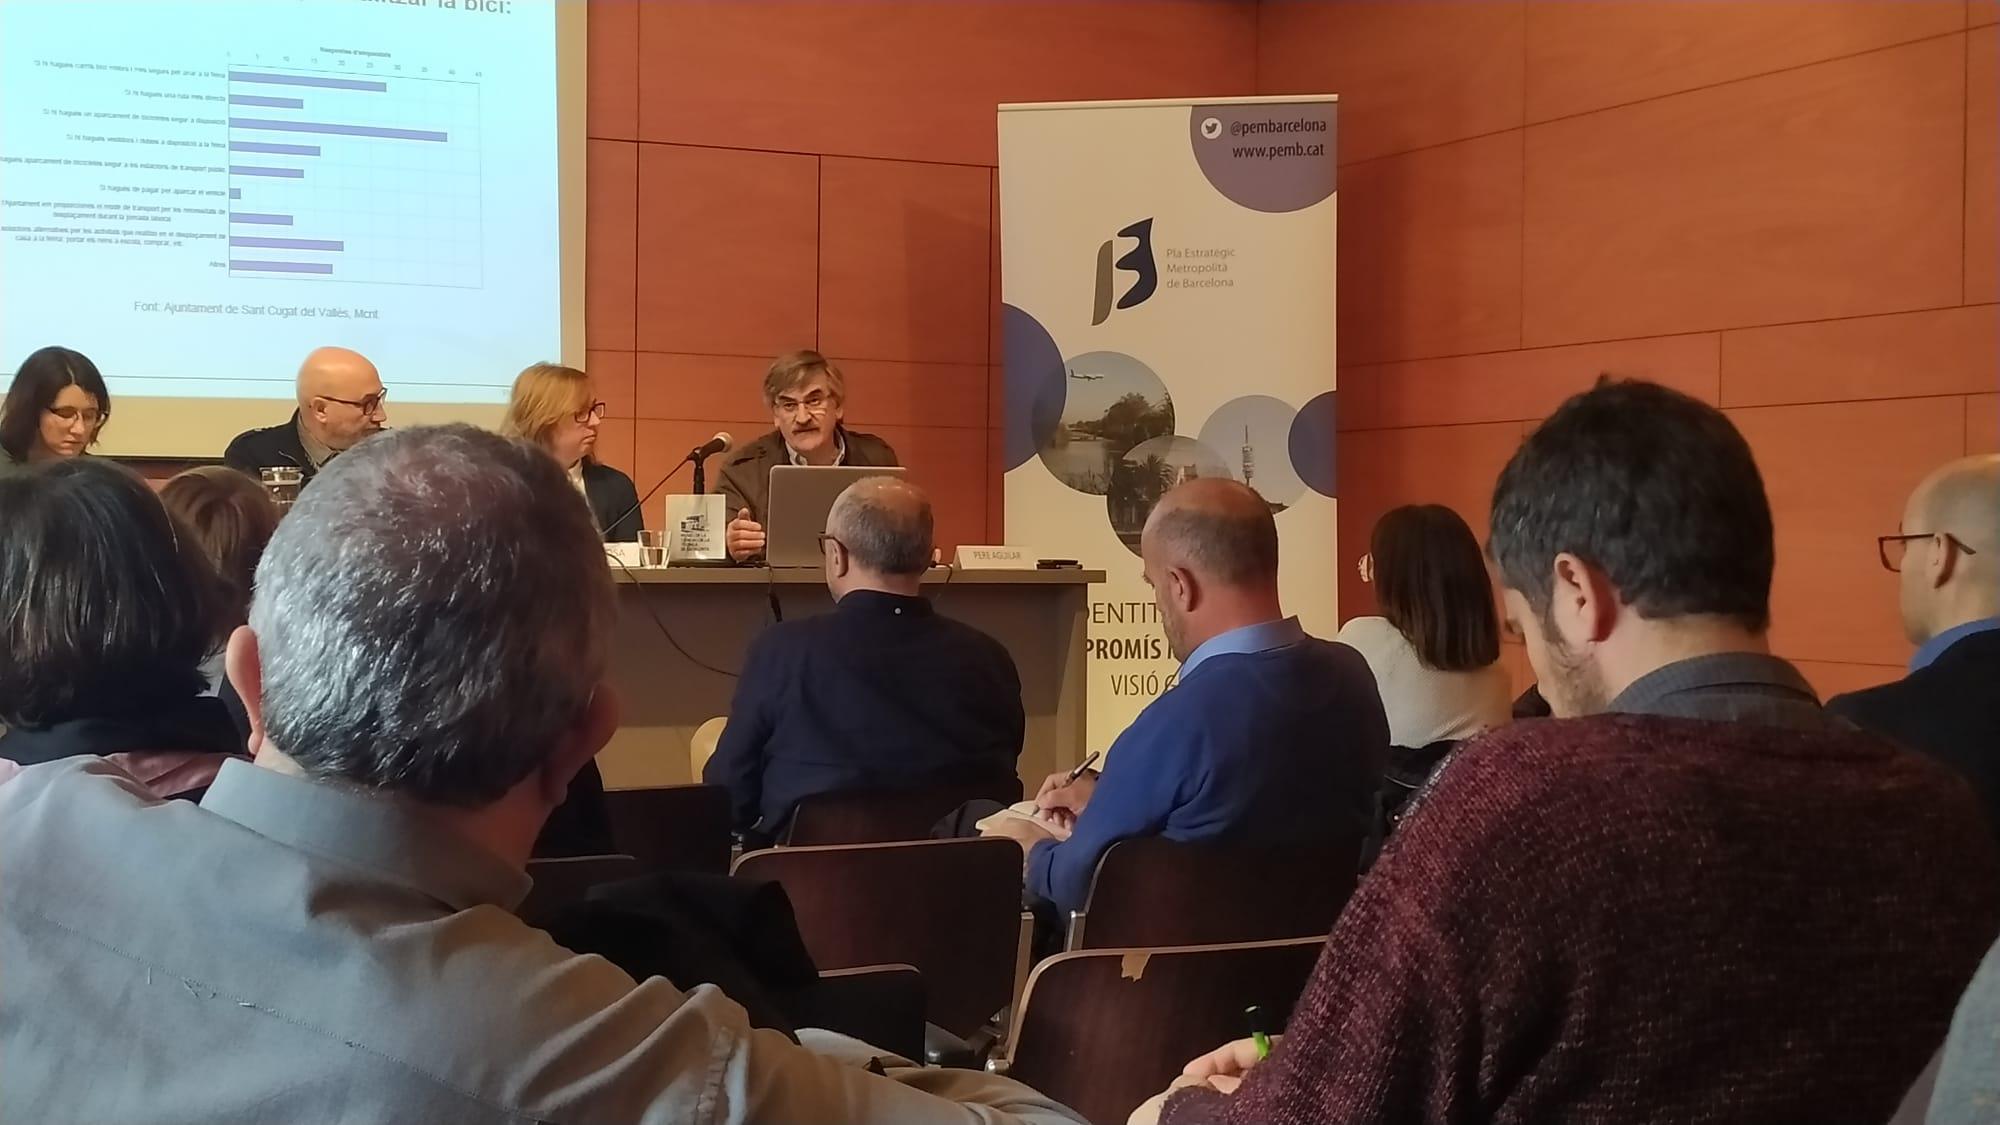 Pere Aguilar, de l'Ajuntament de Sant Cugat, presenta el Pla Desplaçament d'Empresa